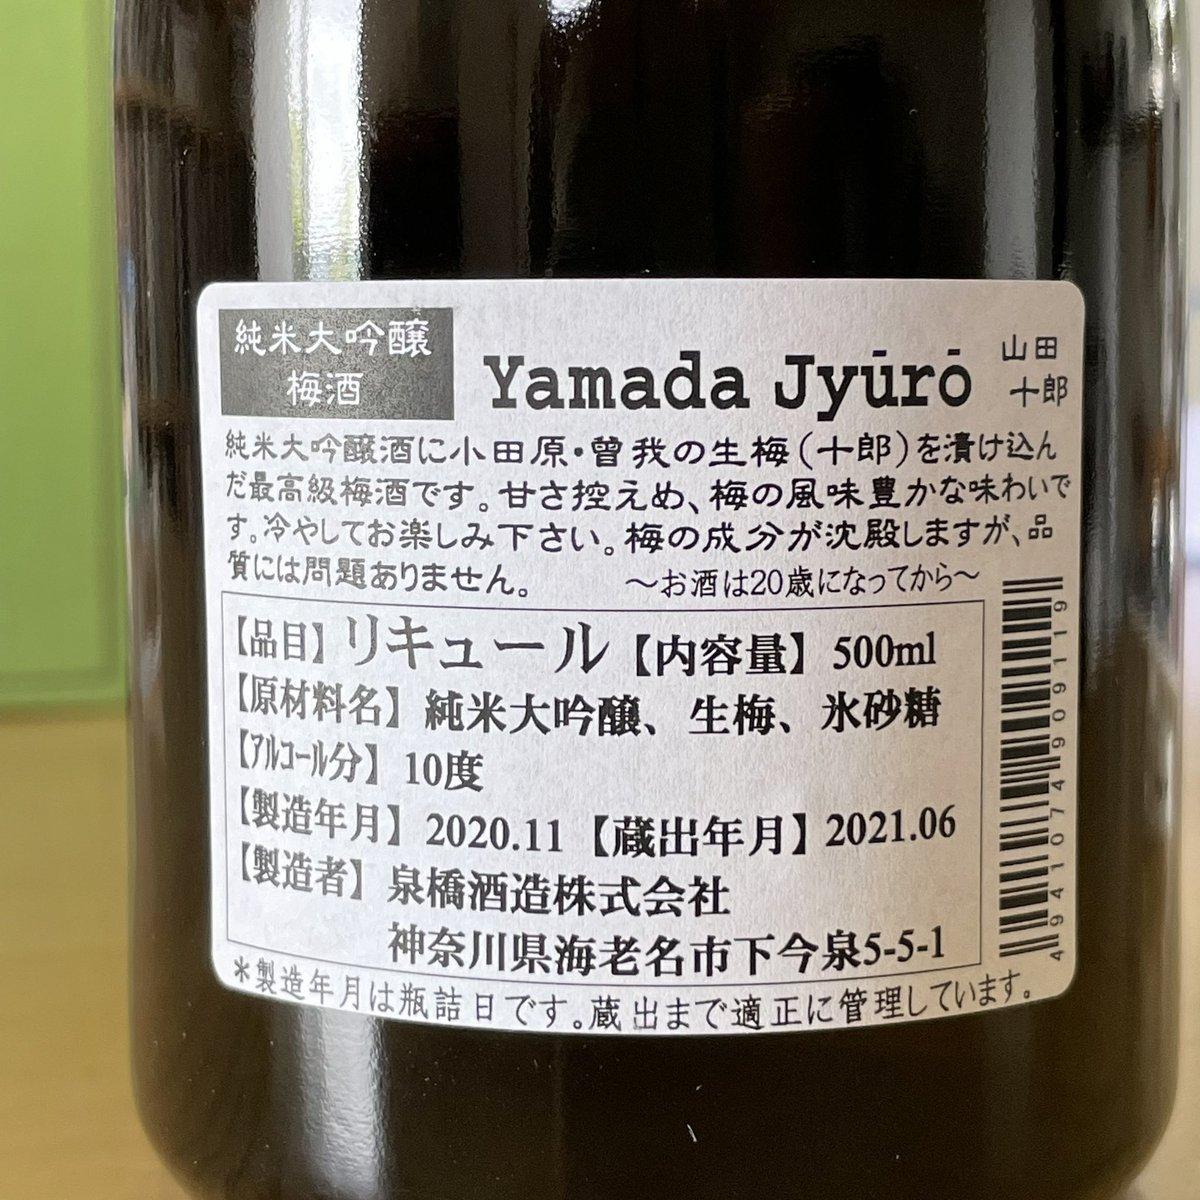 test ツイッターメディア - 東京は晴れるようです。 真鶴で会った友人に貰った梅酒。 純米大吟醸酒に小田原の生梅を漬け込んだって。 酒、基本的に飲まないんだけど、こりゃ〜飲んじゃうよ〜! https://t.co/LoD2QgVSNm